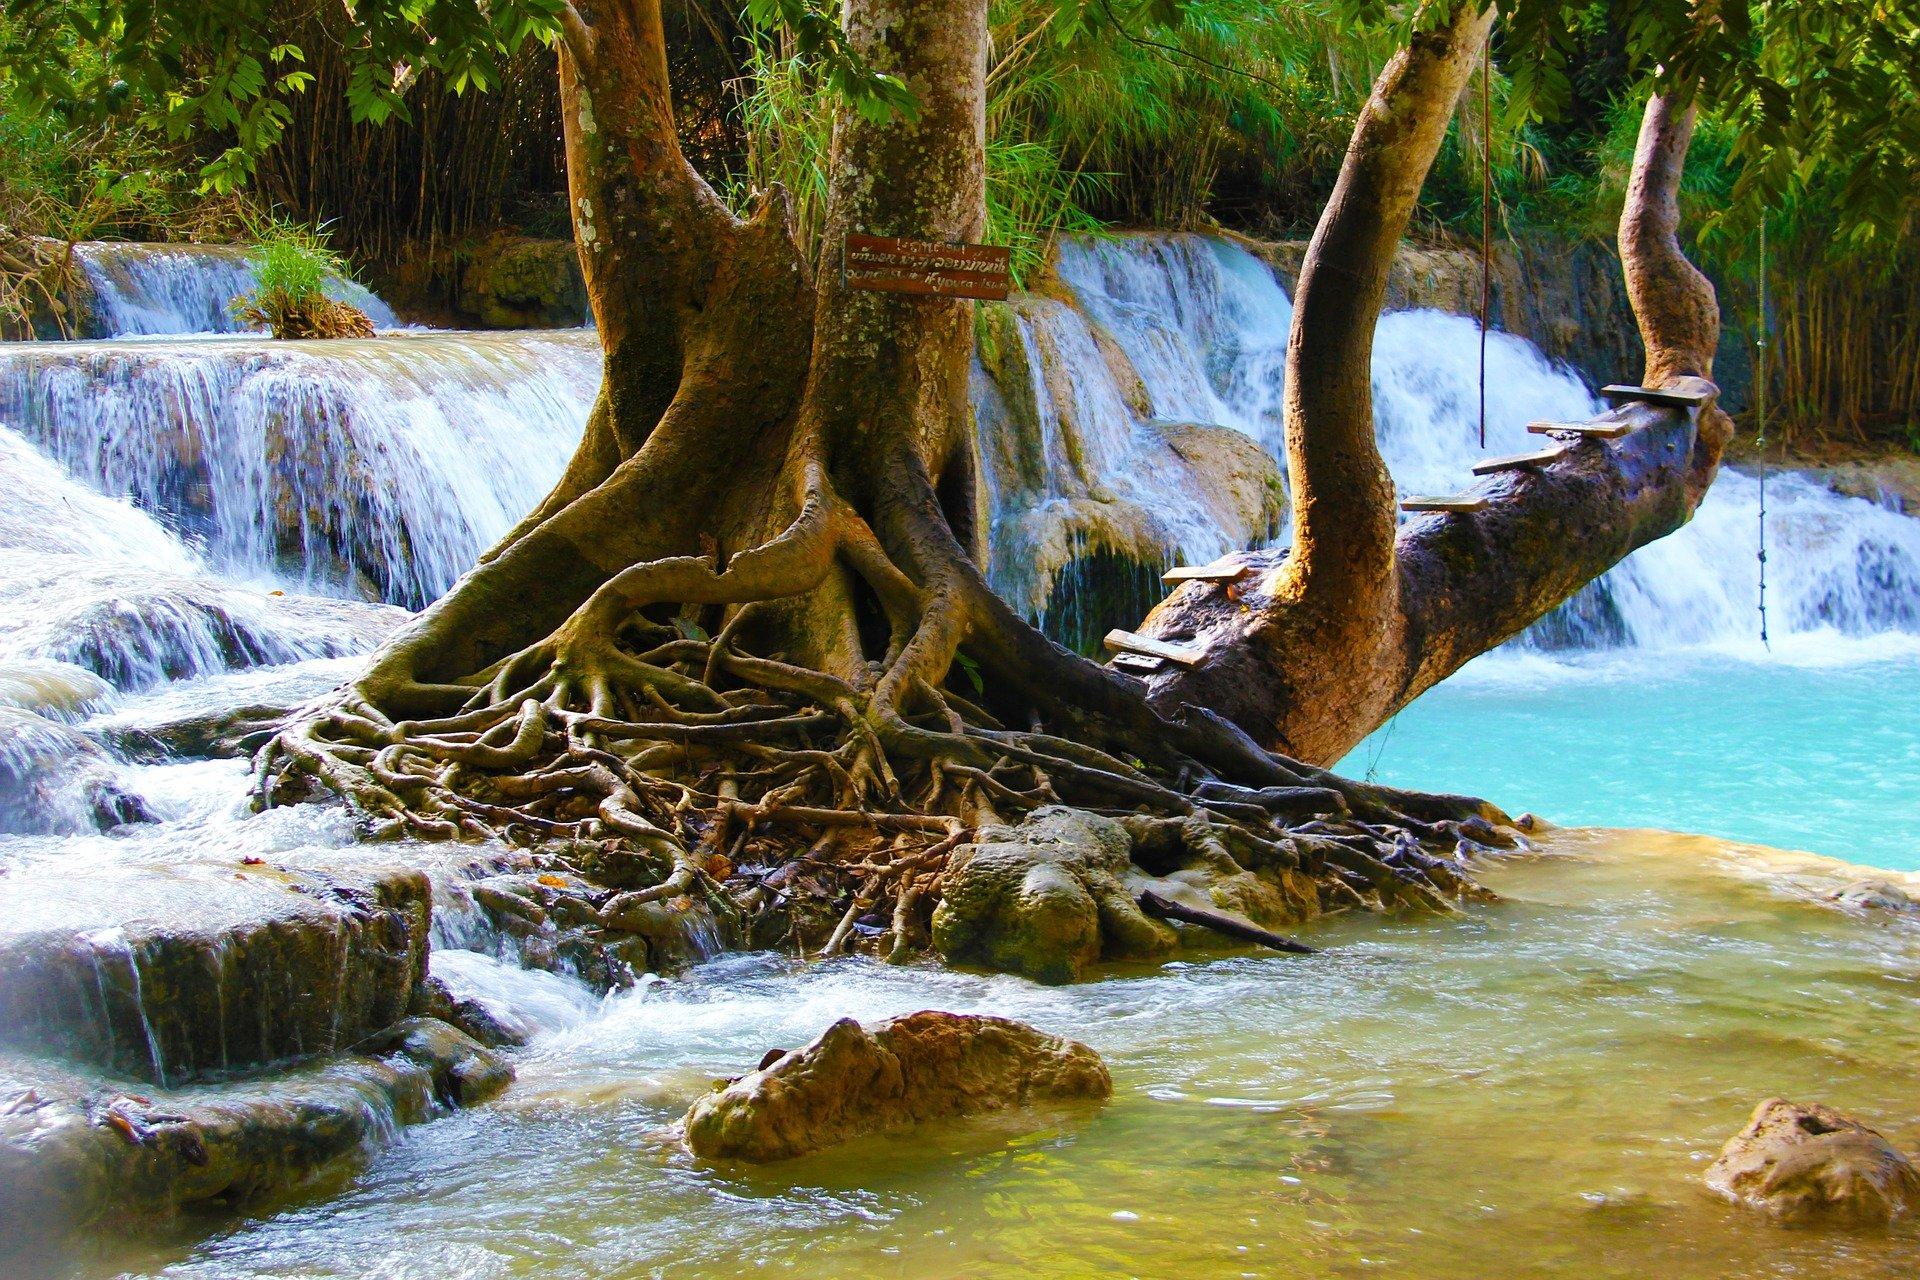 تصویری از آبشاری زیبا در تایلند